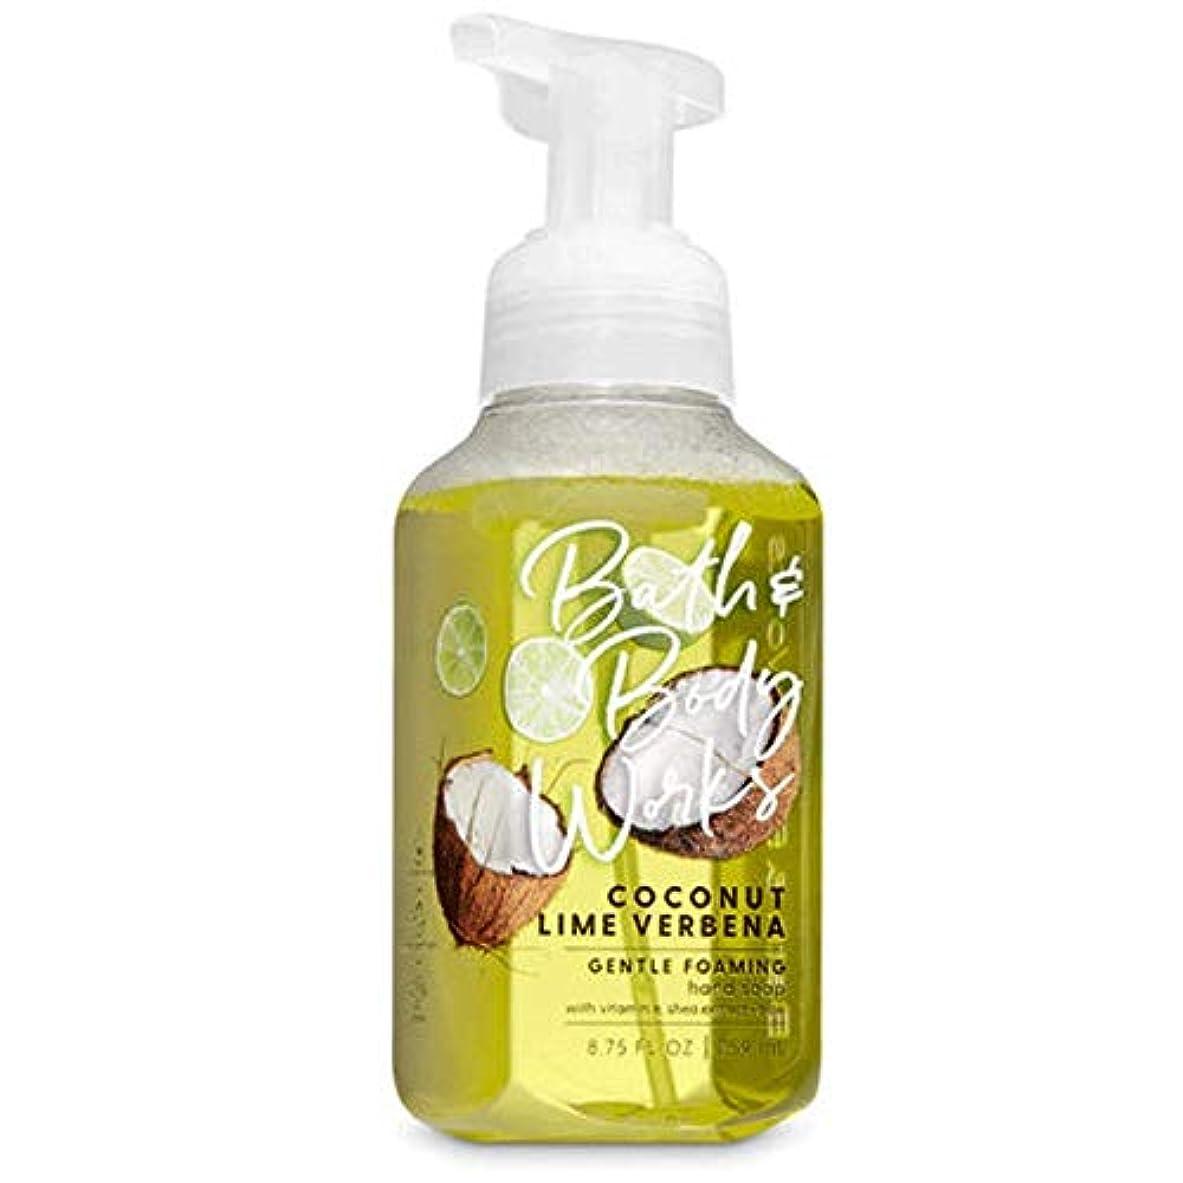 専門知識脳撃退するバス&ボディワークス ココナッツライムバーベナ ジェントル フォーミング ハンドソープ Coconut Lime Verbena Gentle Foaming Hand Soap